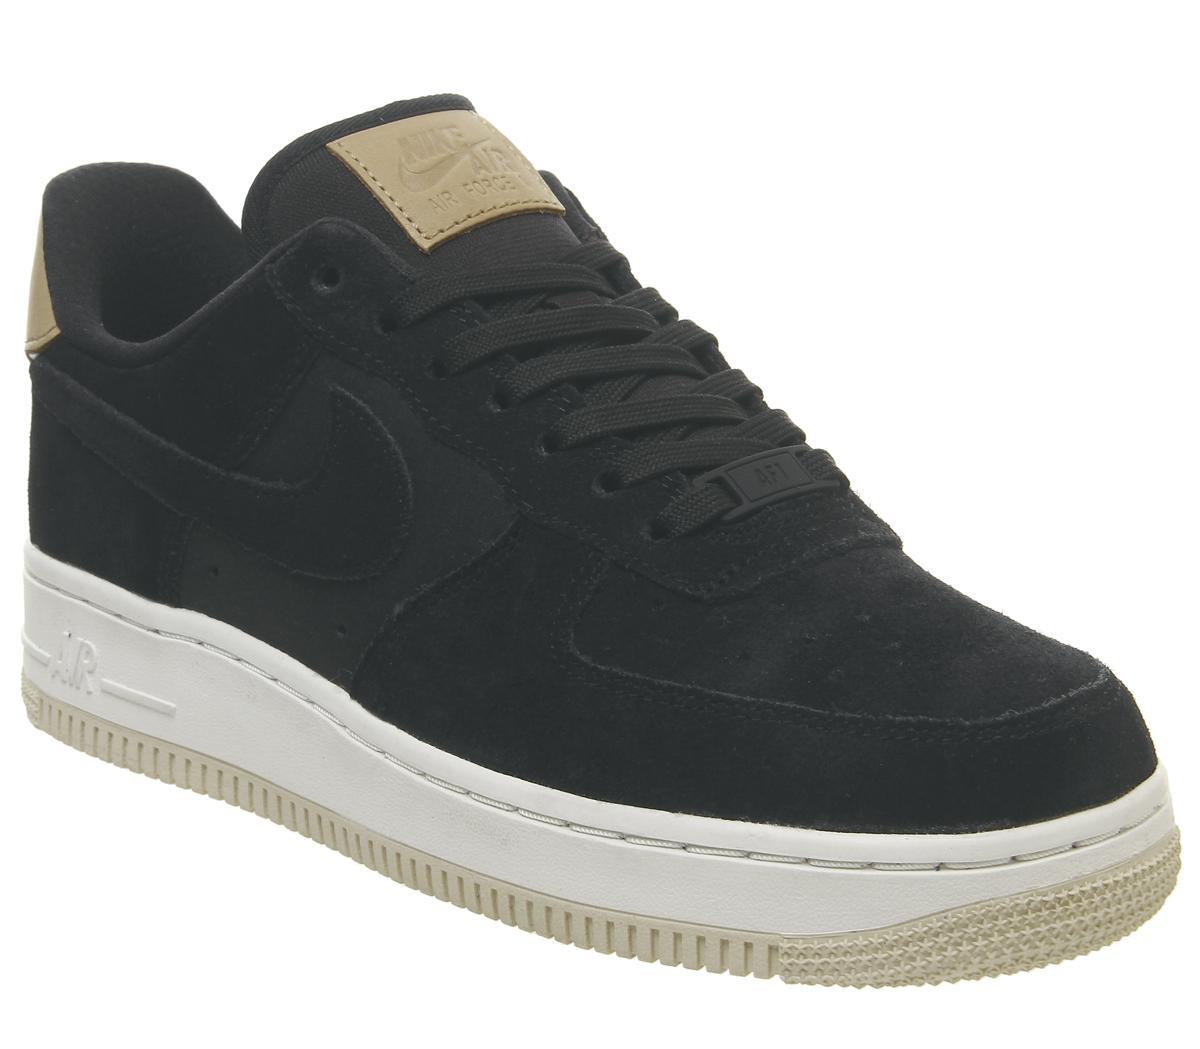 busca lo último mejor selección de 2019 atarse en Nike Air Force 1 07 Trainers Black Black Summit White Light Cream ...